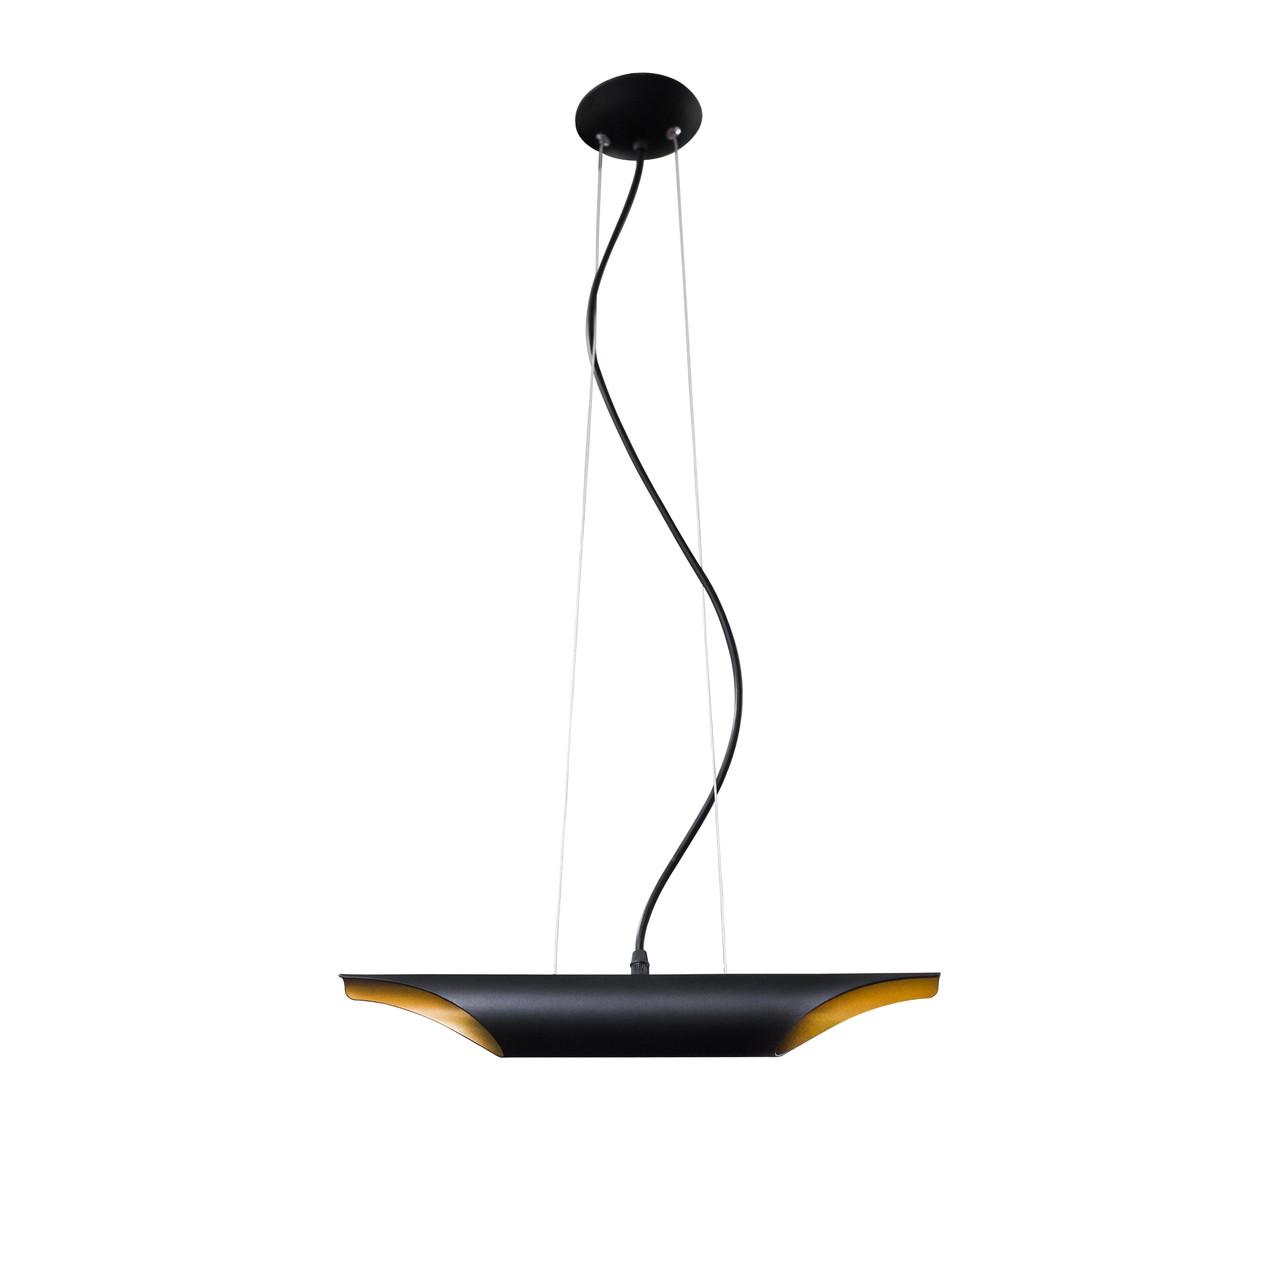 Светильник подвесной лофт NL 4310 MSK Electric  Трубка со срезом